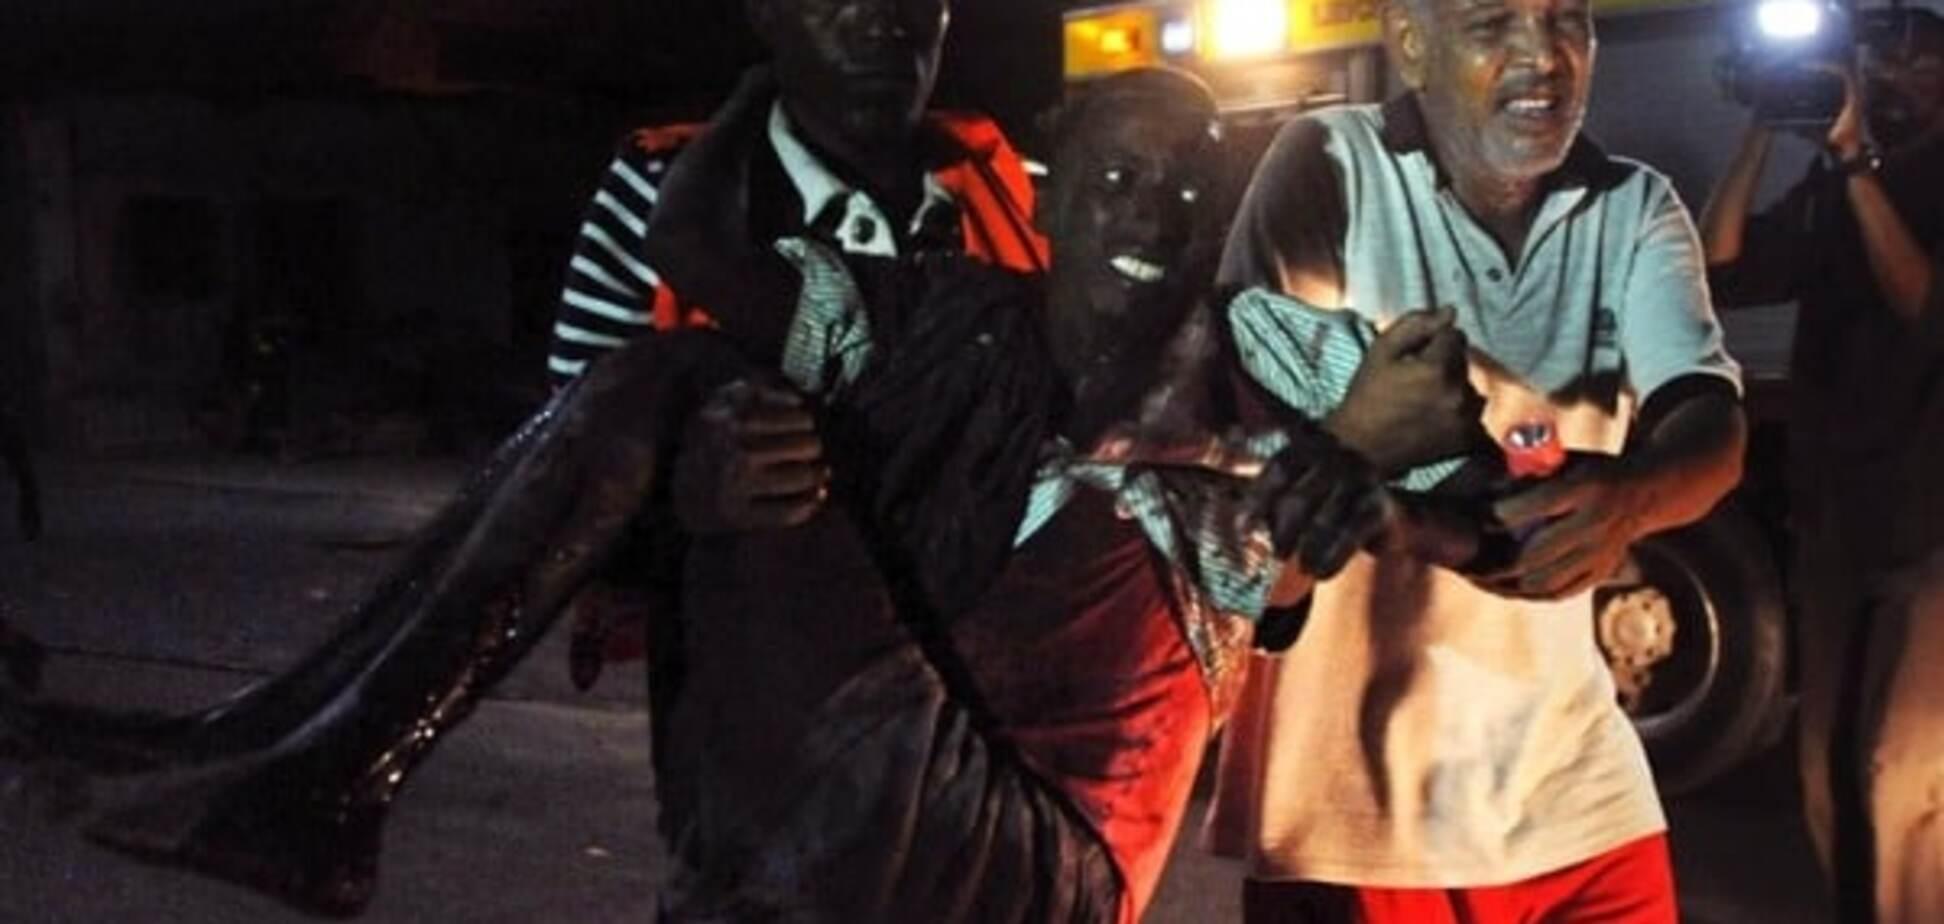 Терористи напали на готель у Сомалі: більше 10 жертв